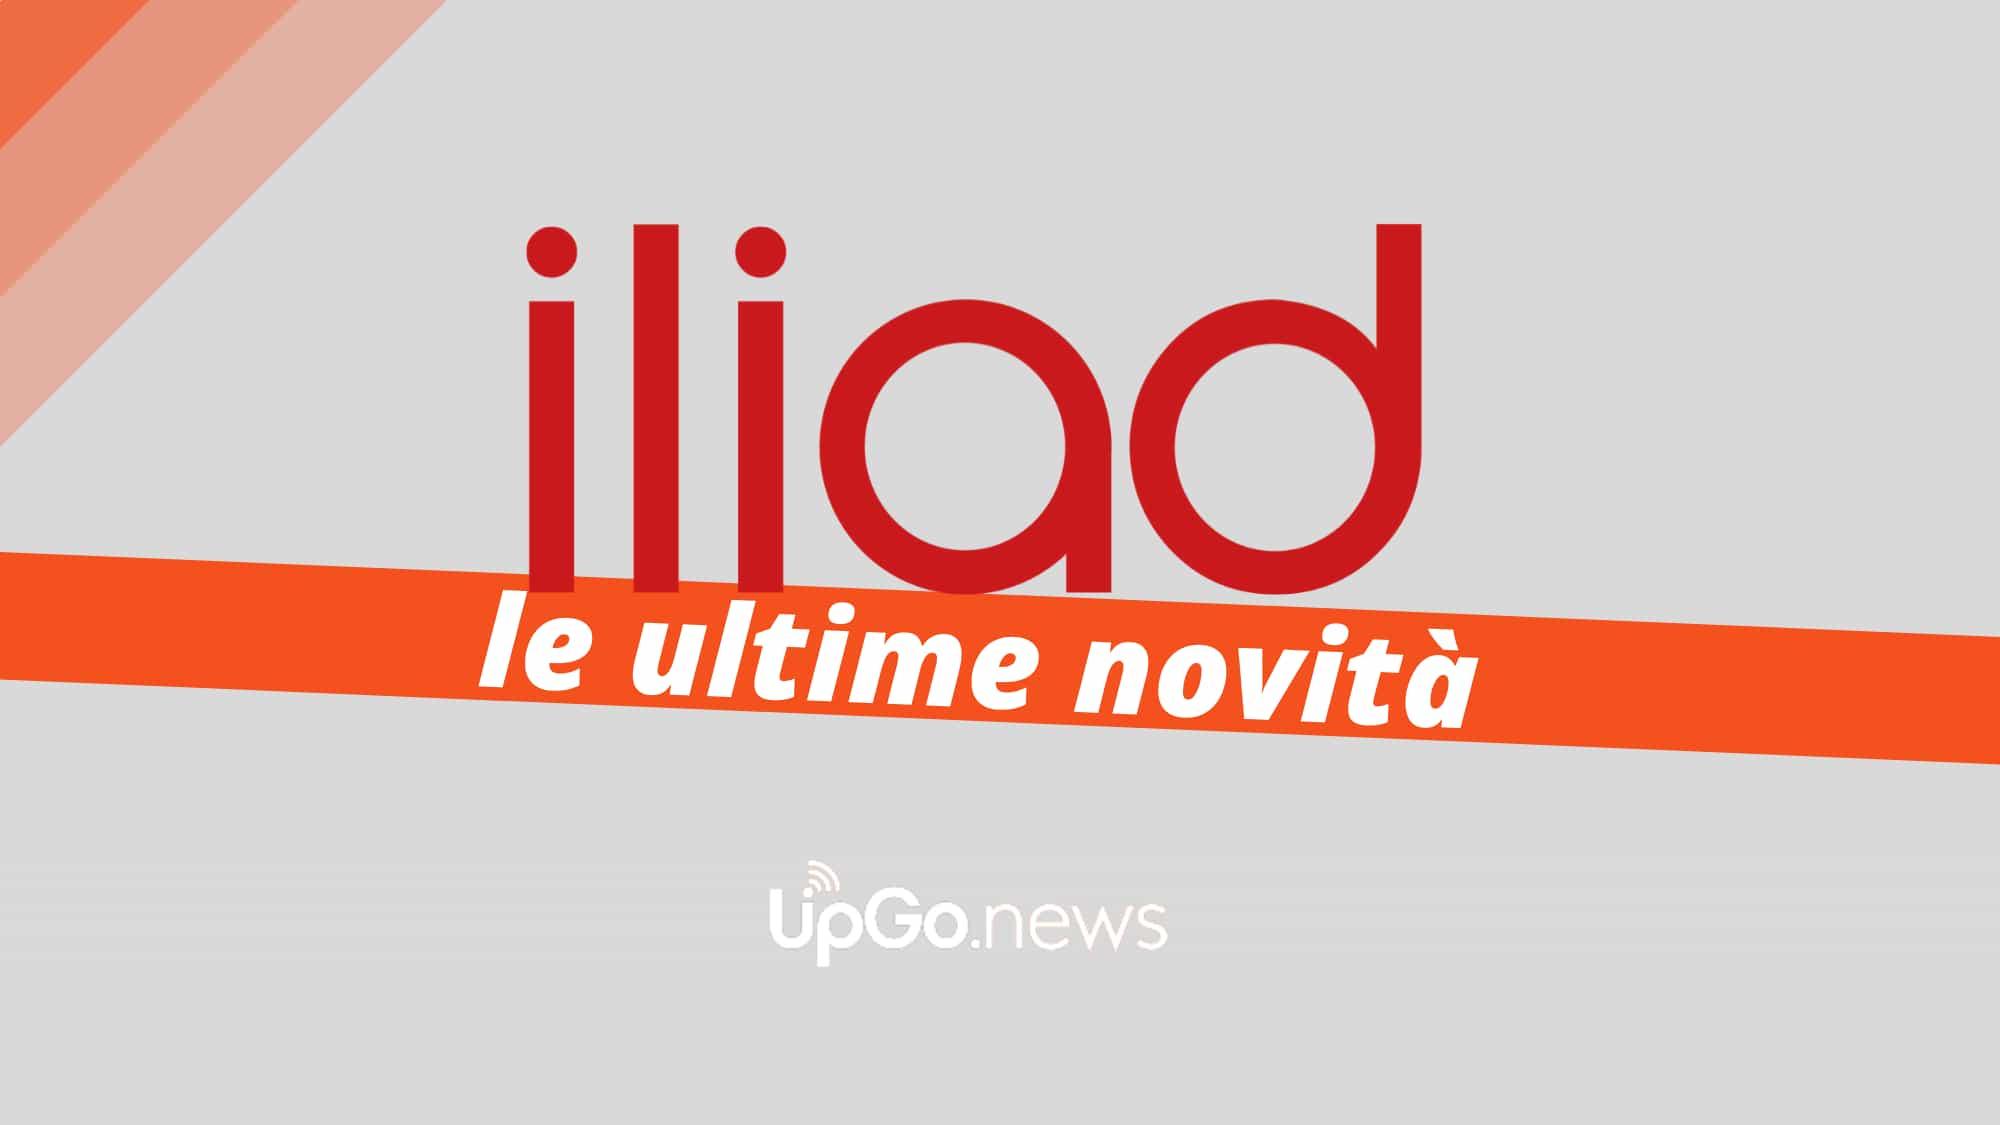 Iliad ultime novità